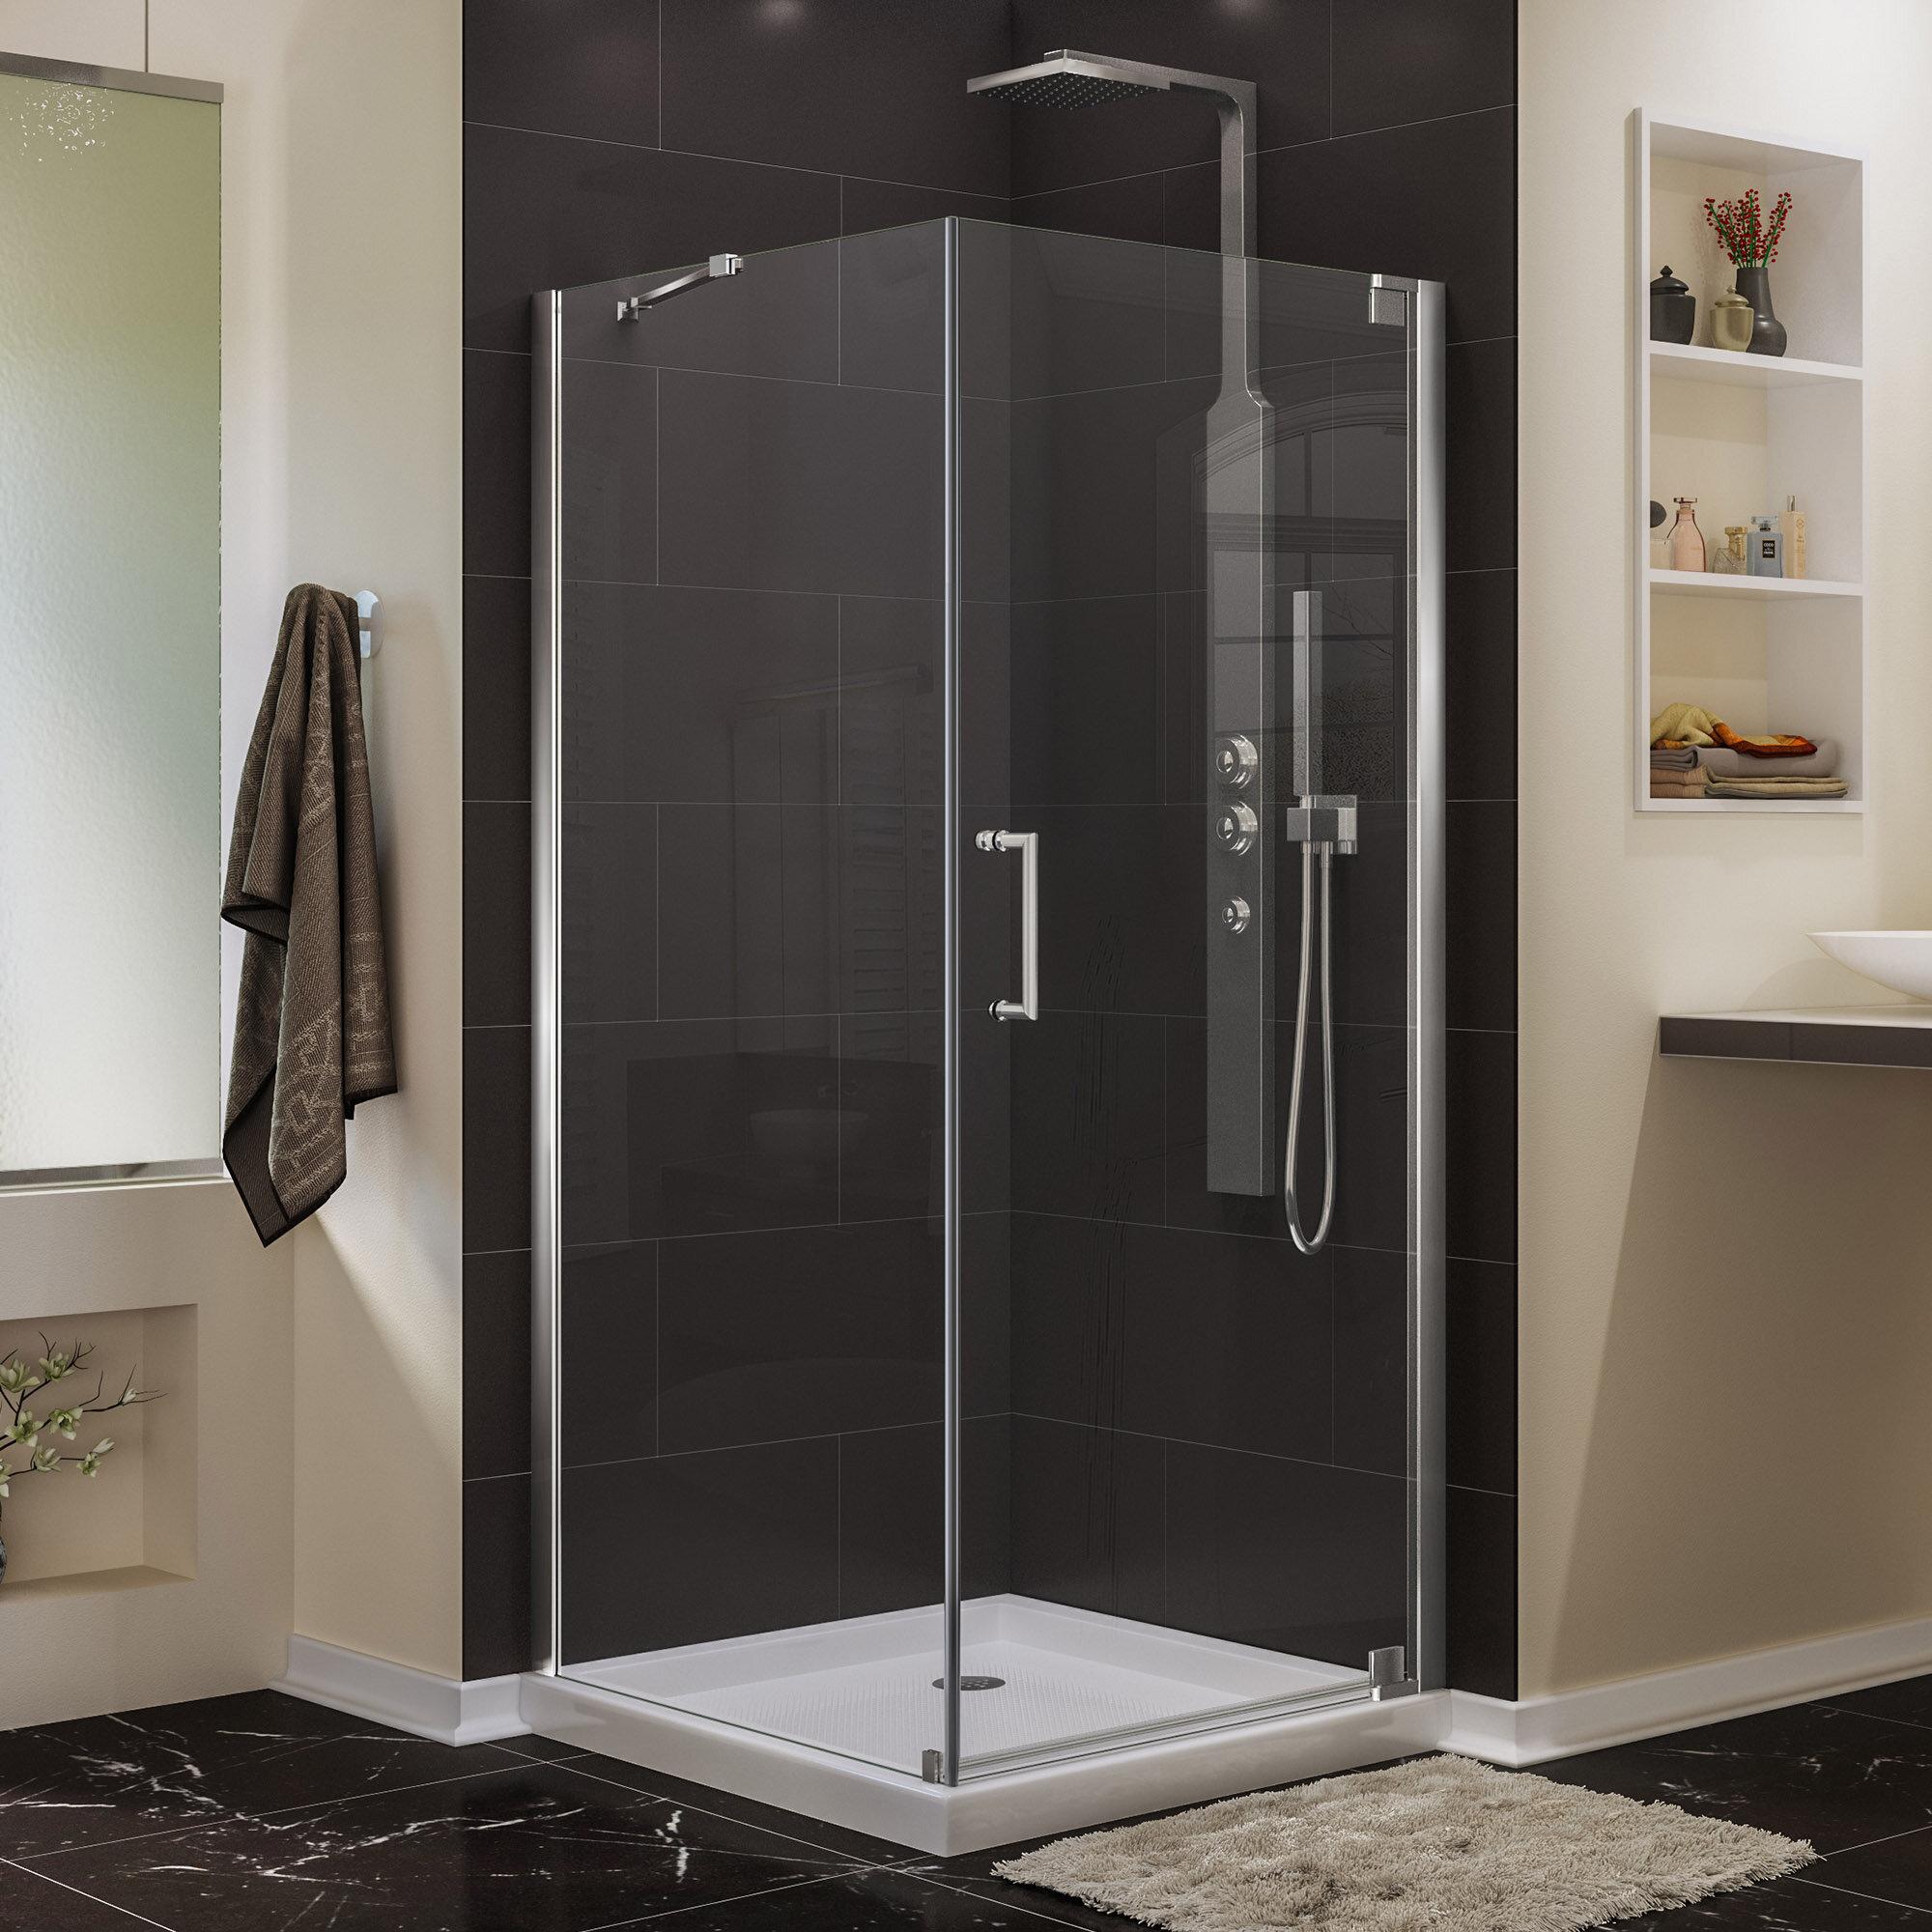 Dreamline Elegance 34 X 72 Pivot Frameless Shower Door With Clear Max Technology Wayfair